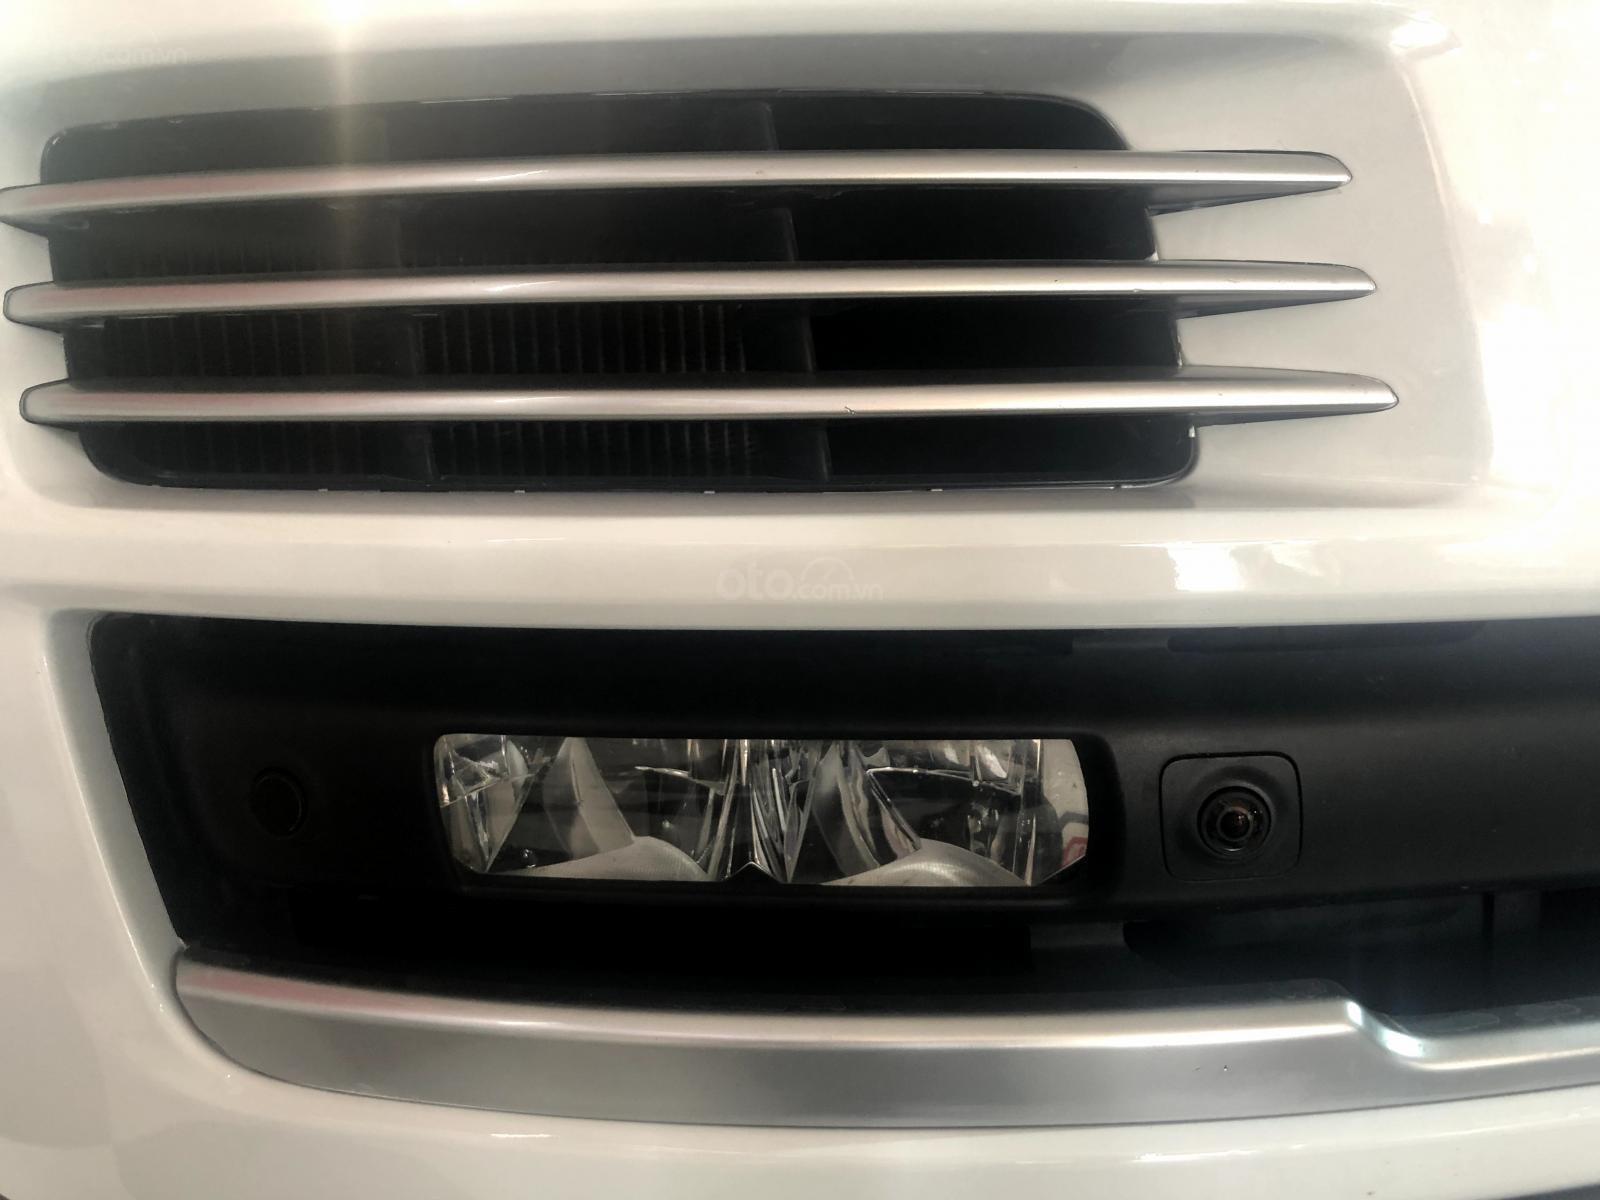 Giao ngay LandRover Range Rover 5.0L đời 2015, màu trắng da bò, uy tín giá tốt (11)